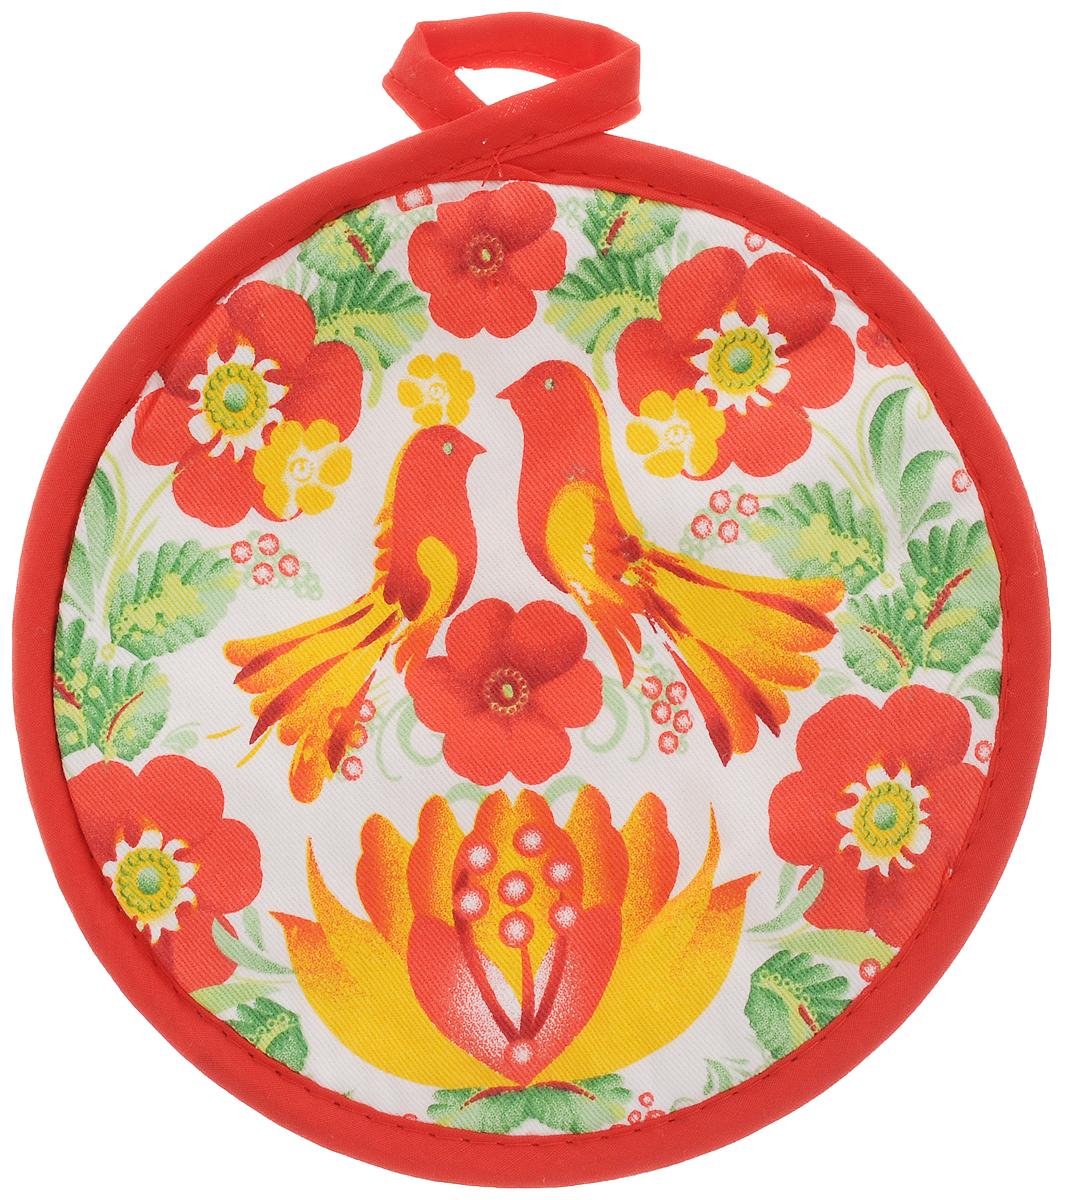 Прихватка Bonita Жар-птица, диаметр 18 см790009Прихватка Bonita выполнена из натурального хлопка и декорирована оригинальным рисунком. Изделие оснащено специальной петелькой, за которую его можно подвесить на крючок в любом удобном для вас месте. Такая прихватка красиво дополнит интерьер кухни.